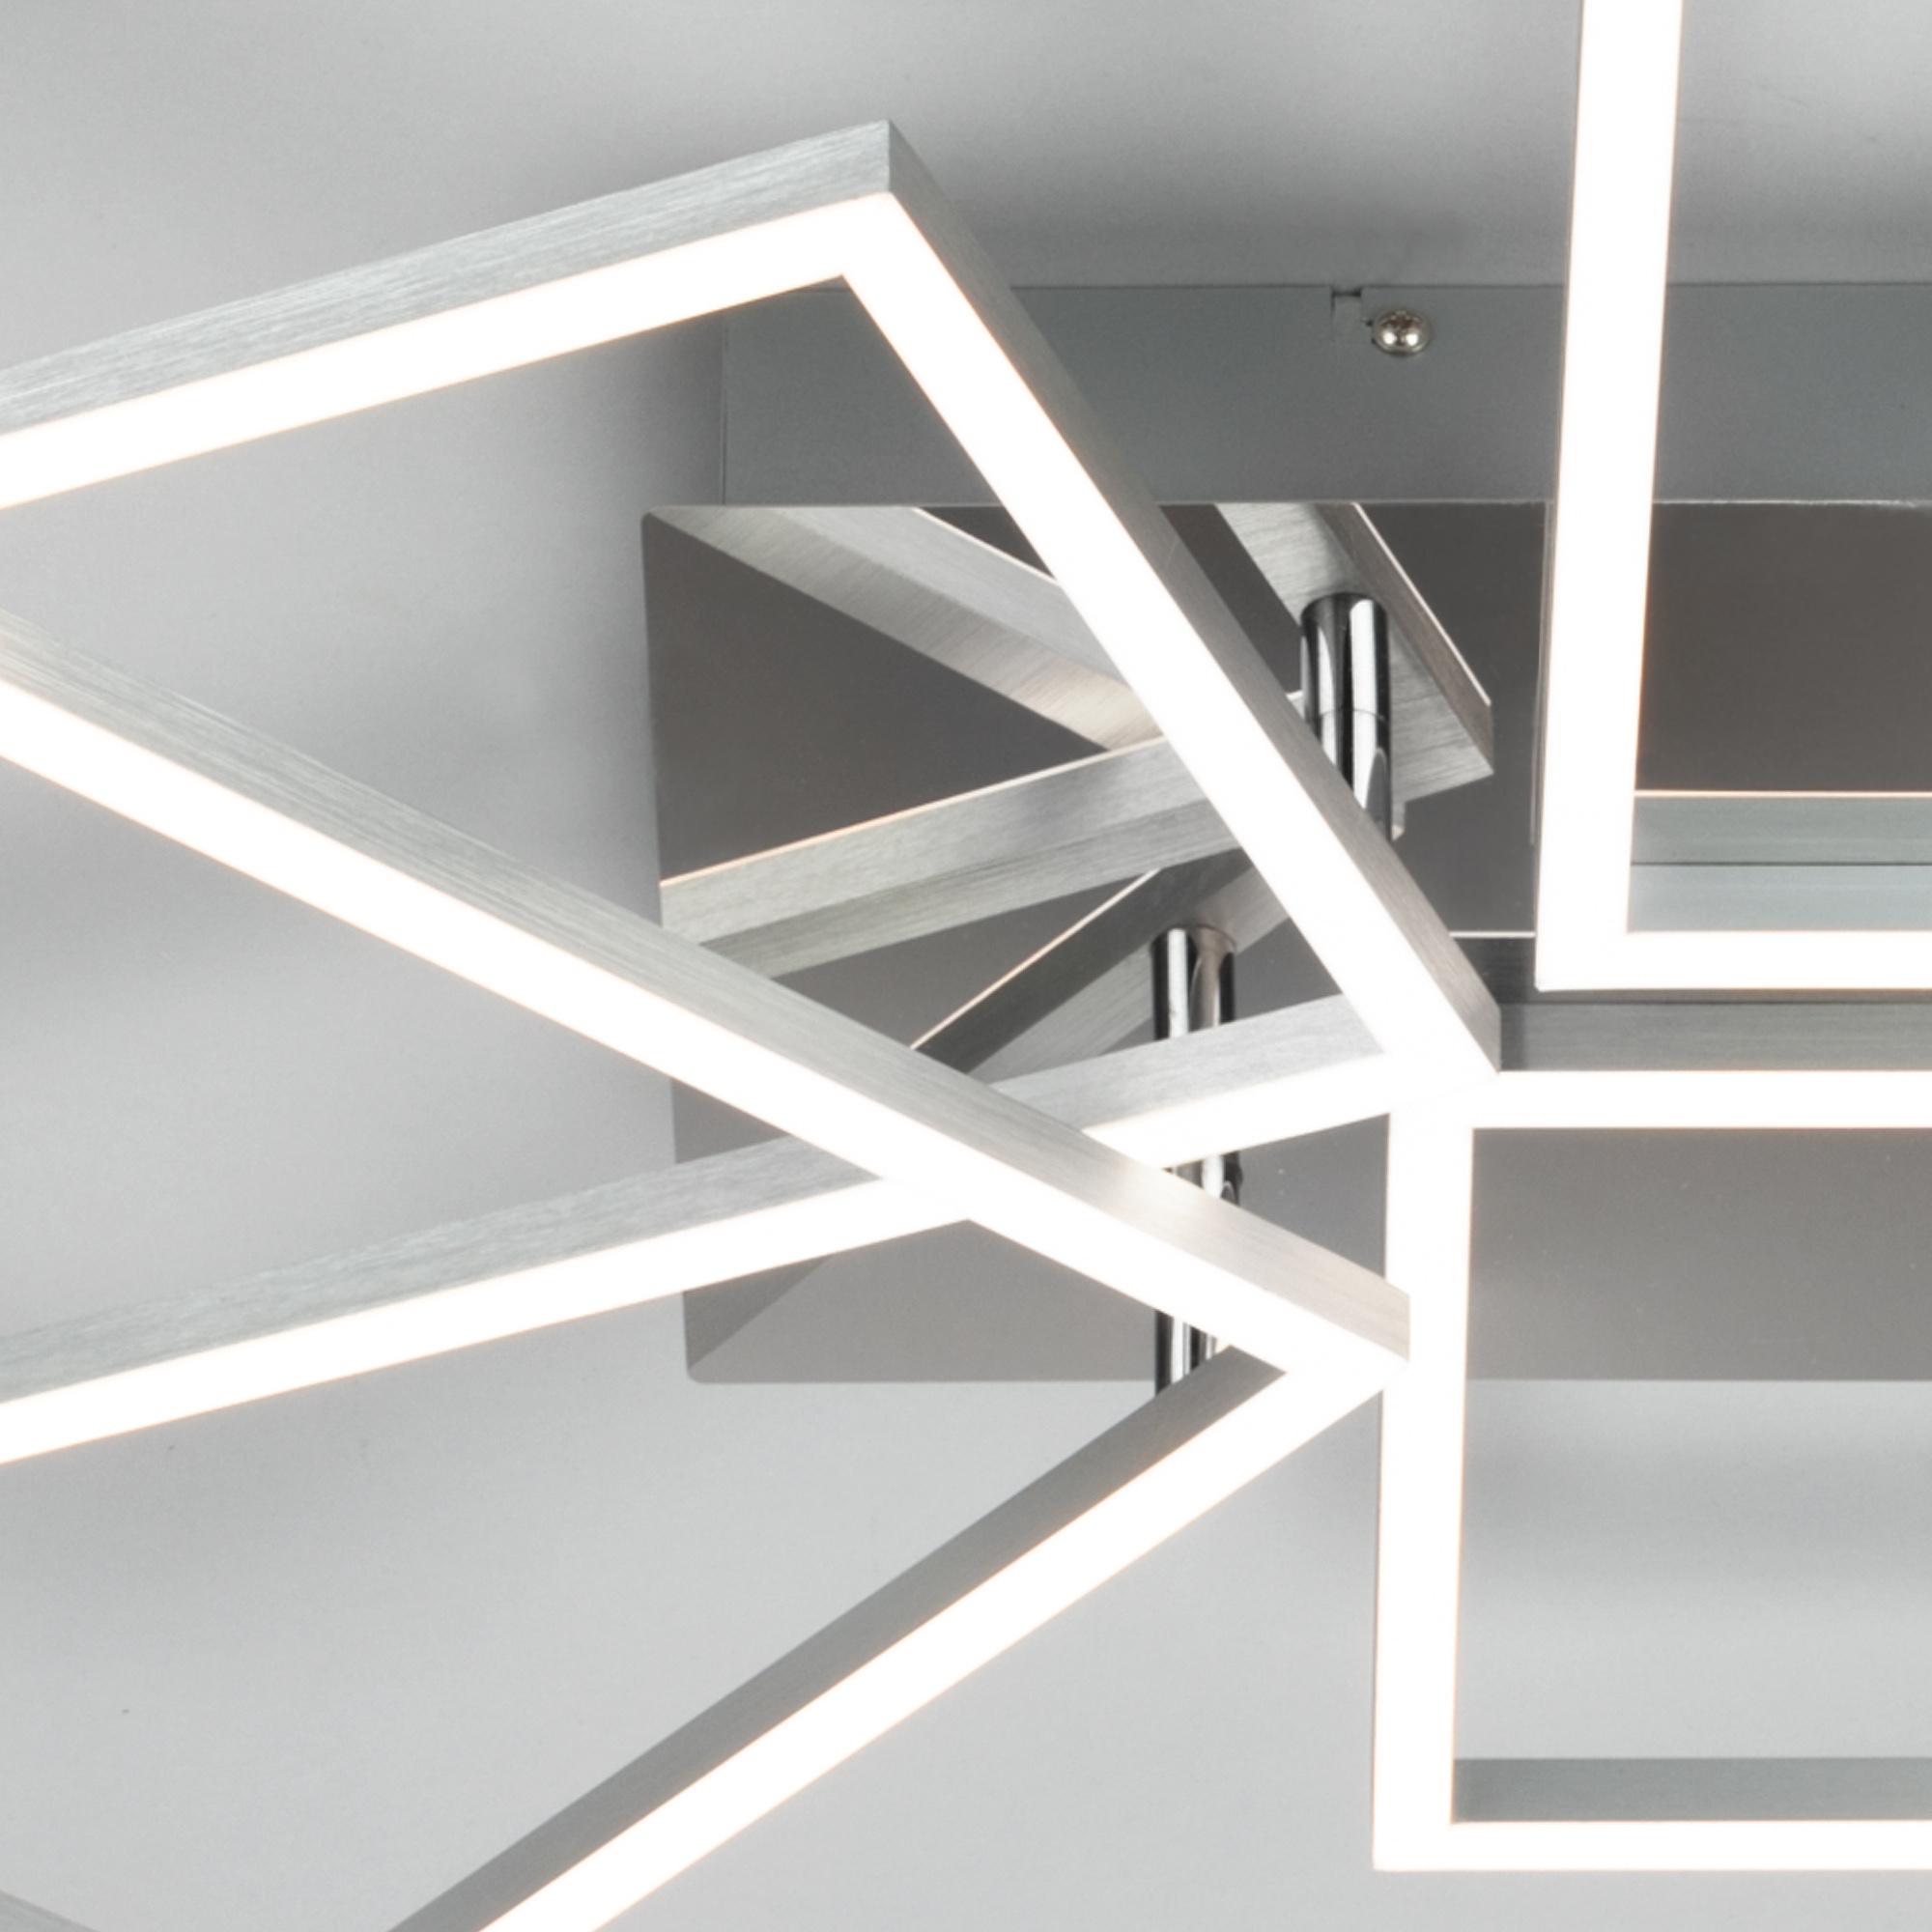 CCT LED Deckenleuchte Alu-Chrom